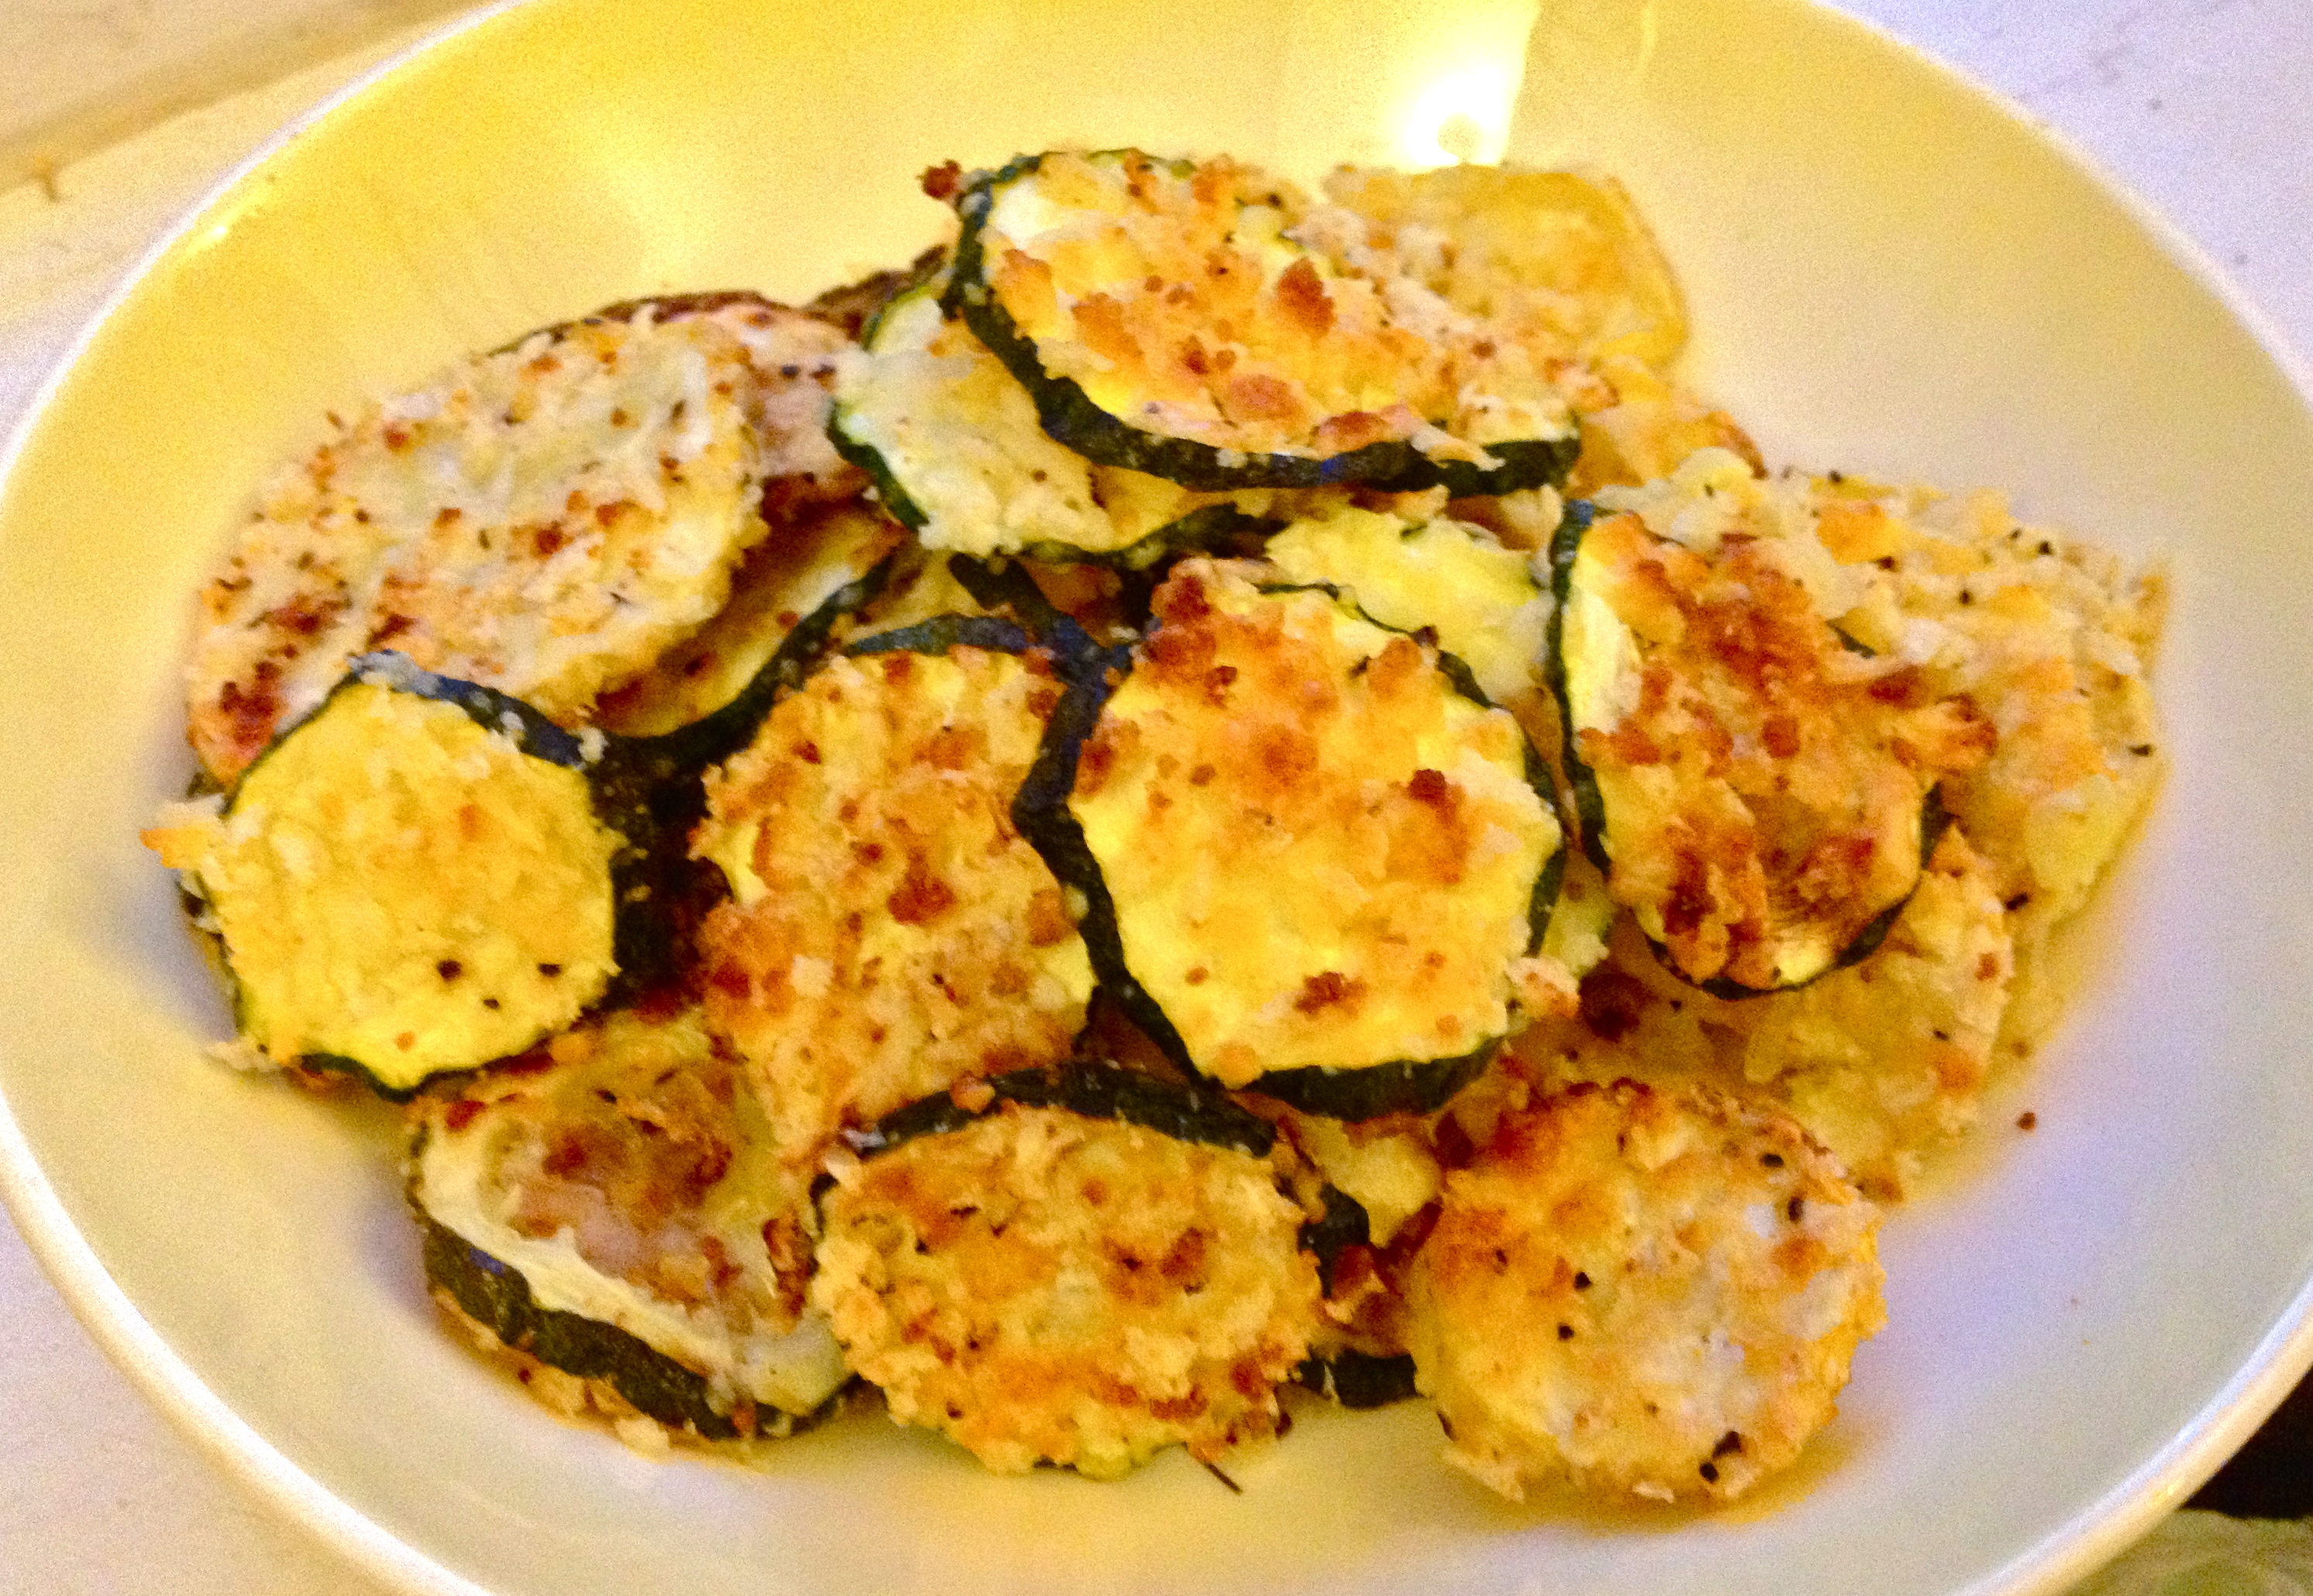 squash classic baked acorn squash delicious baked acorn squash baked ...